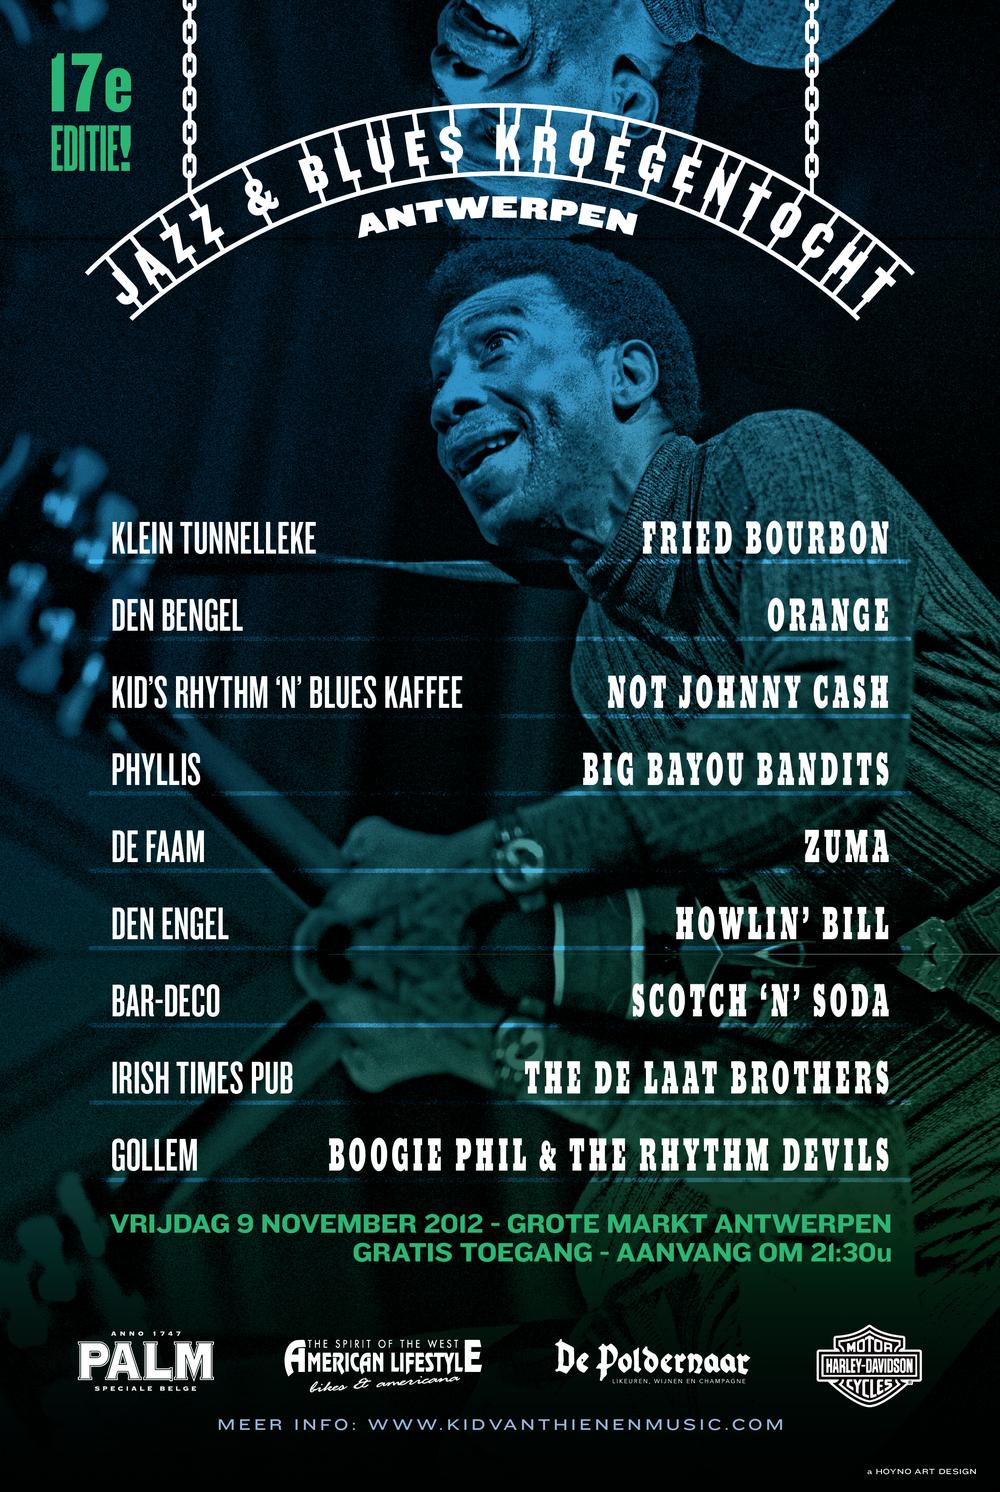 Jazz & Blues Kroegentocht 2012